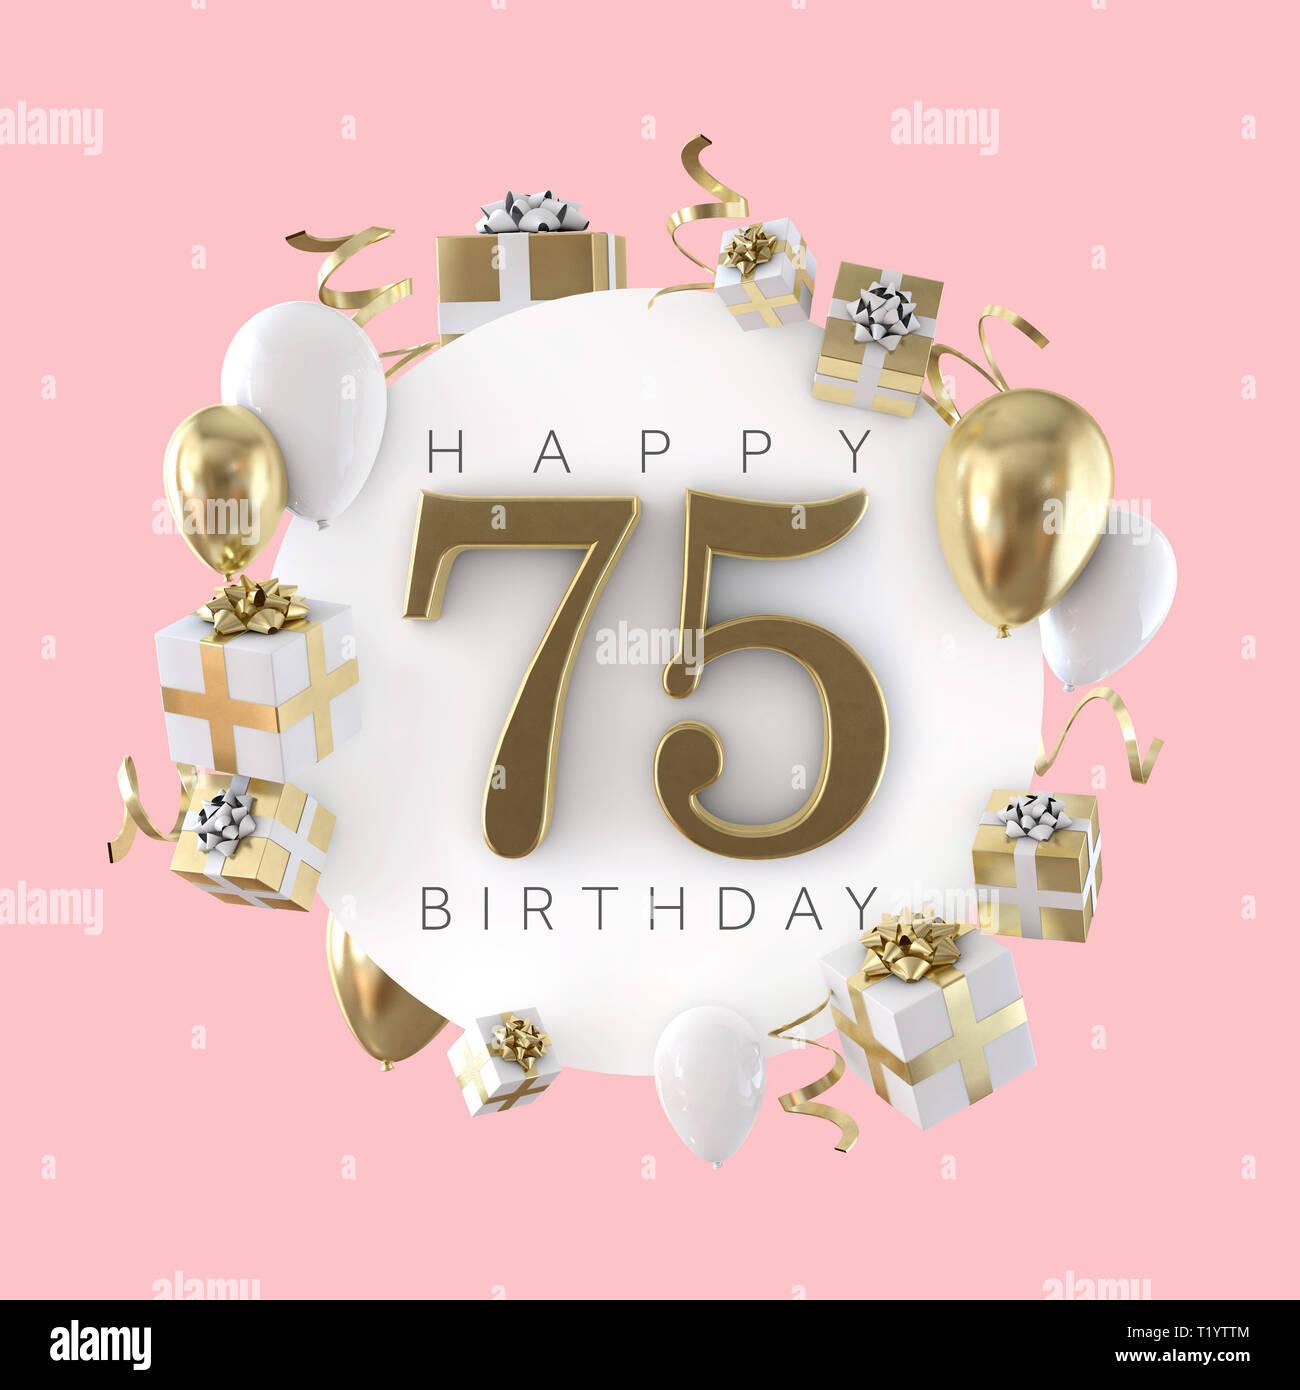 Happy 75th Birthday Party Zusammensetzung Mit Ballons Und Prasentiert 3d Rendering Stockfotografie Alamy